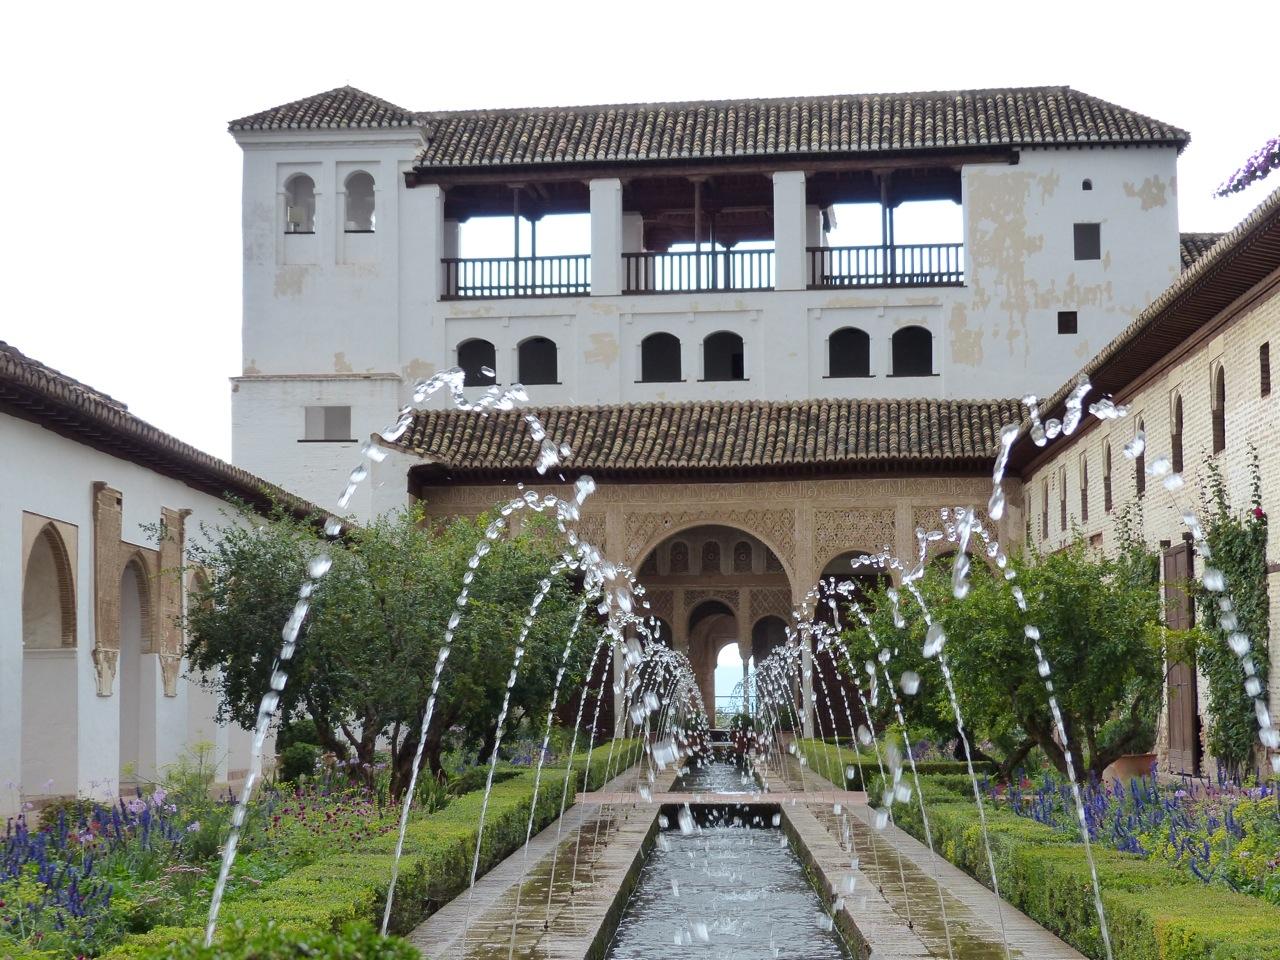 Alhambra 2.jpg